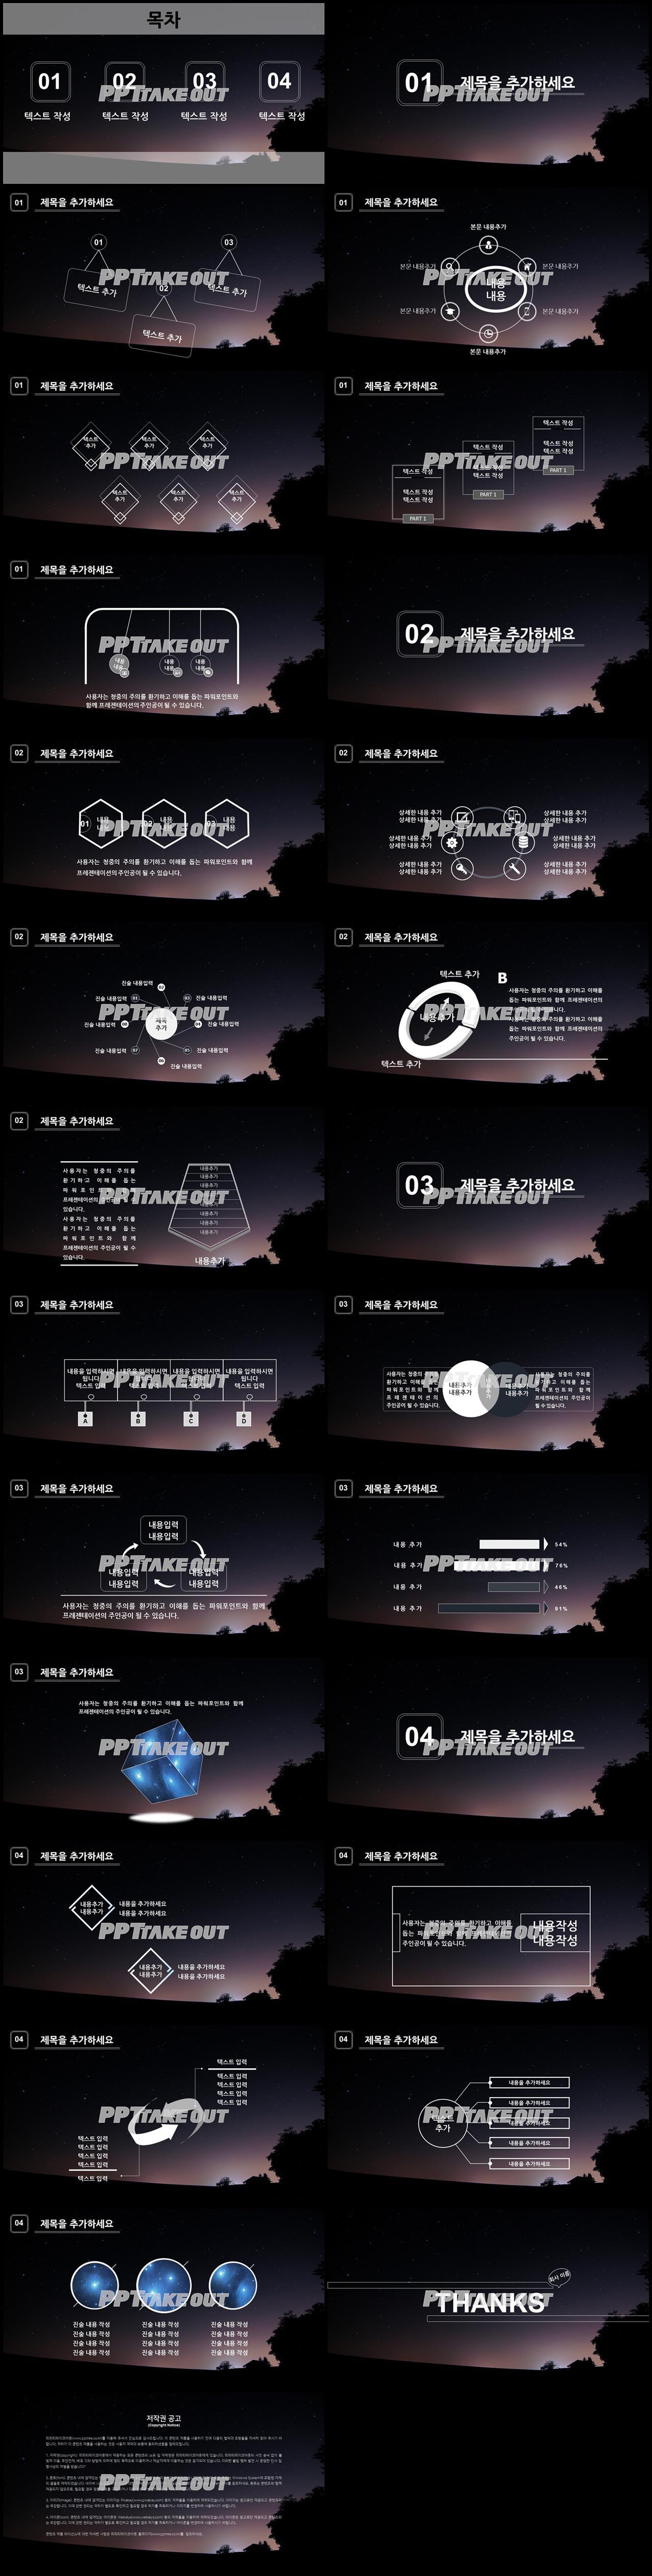 업무관리 검정색 짙은 발표용 PPT탬플릿 다운 상세보기